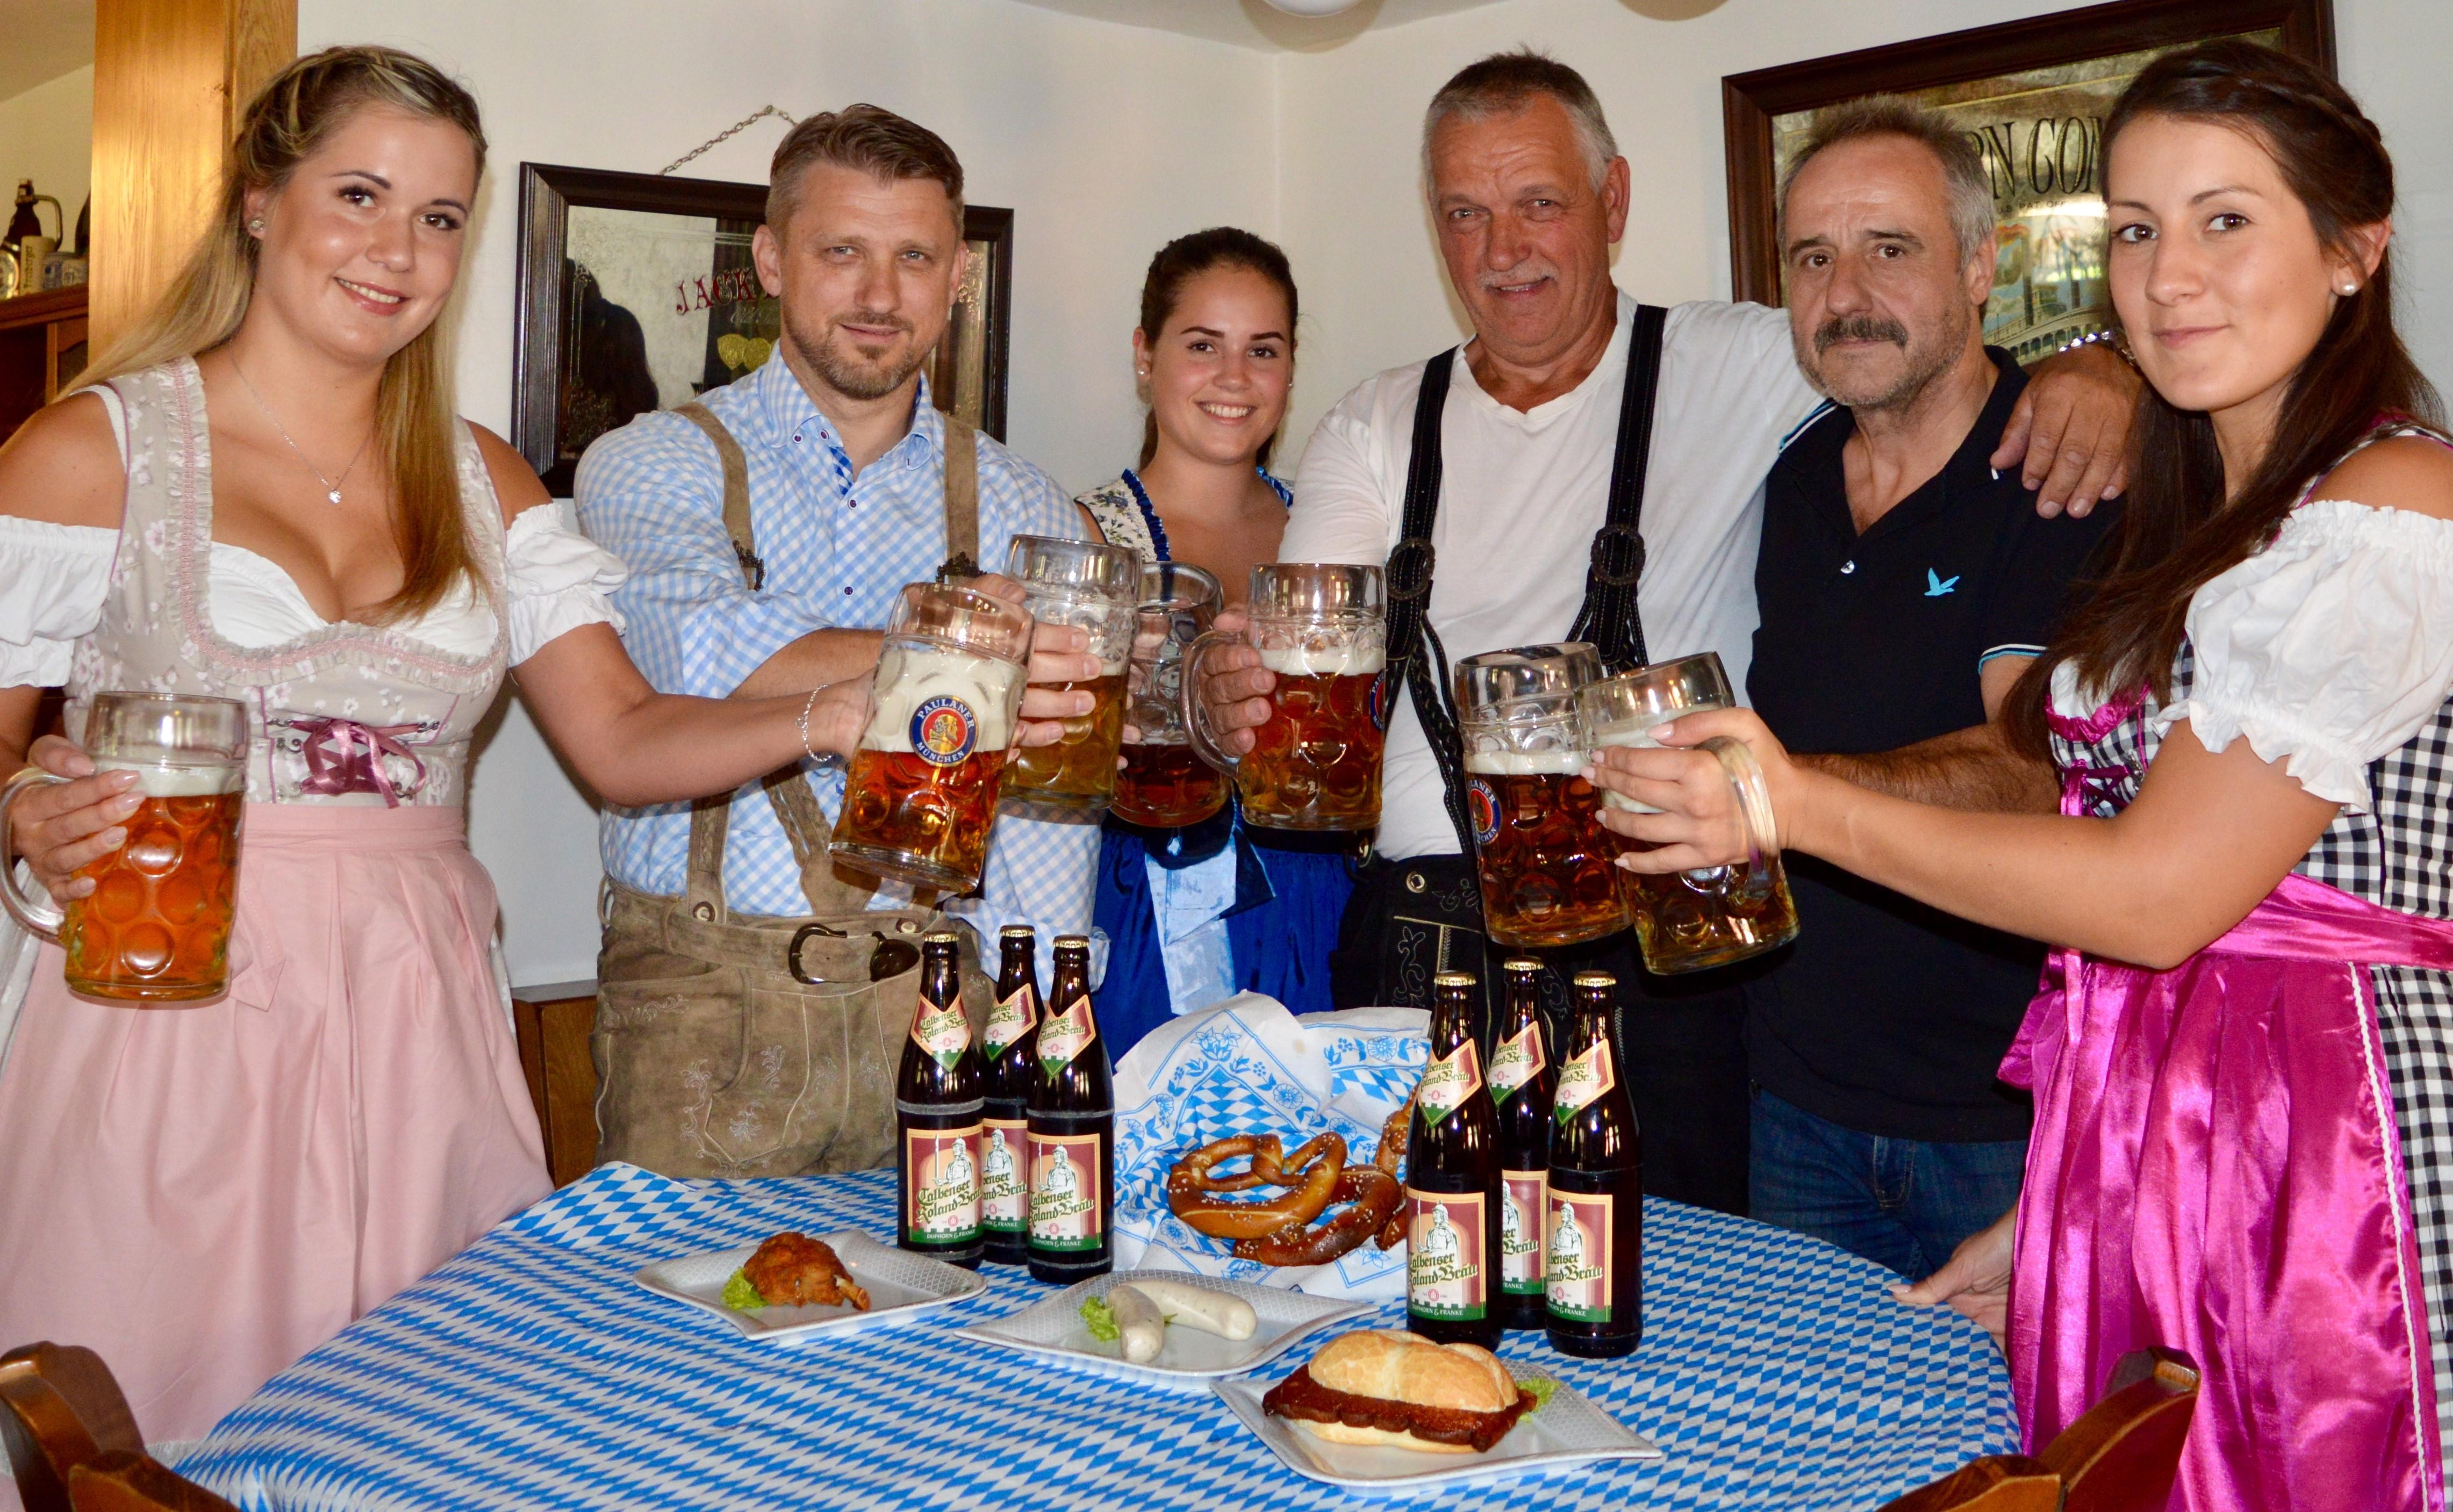 Gemeinsam lädt das Organisationsteam um Lisa-Marie Prokop, Bürgermeister Sven Hause, Felicitas Gahr, Getränkeproduzent Hans-Peter Franke, Gastronom Harald Wanger und Denise Kaminska (v.l.) recht herzlich zum Oktoberfest 2018 ein.